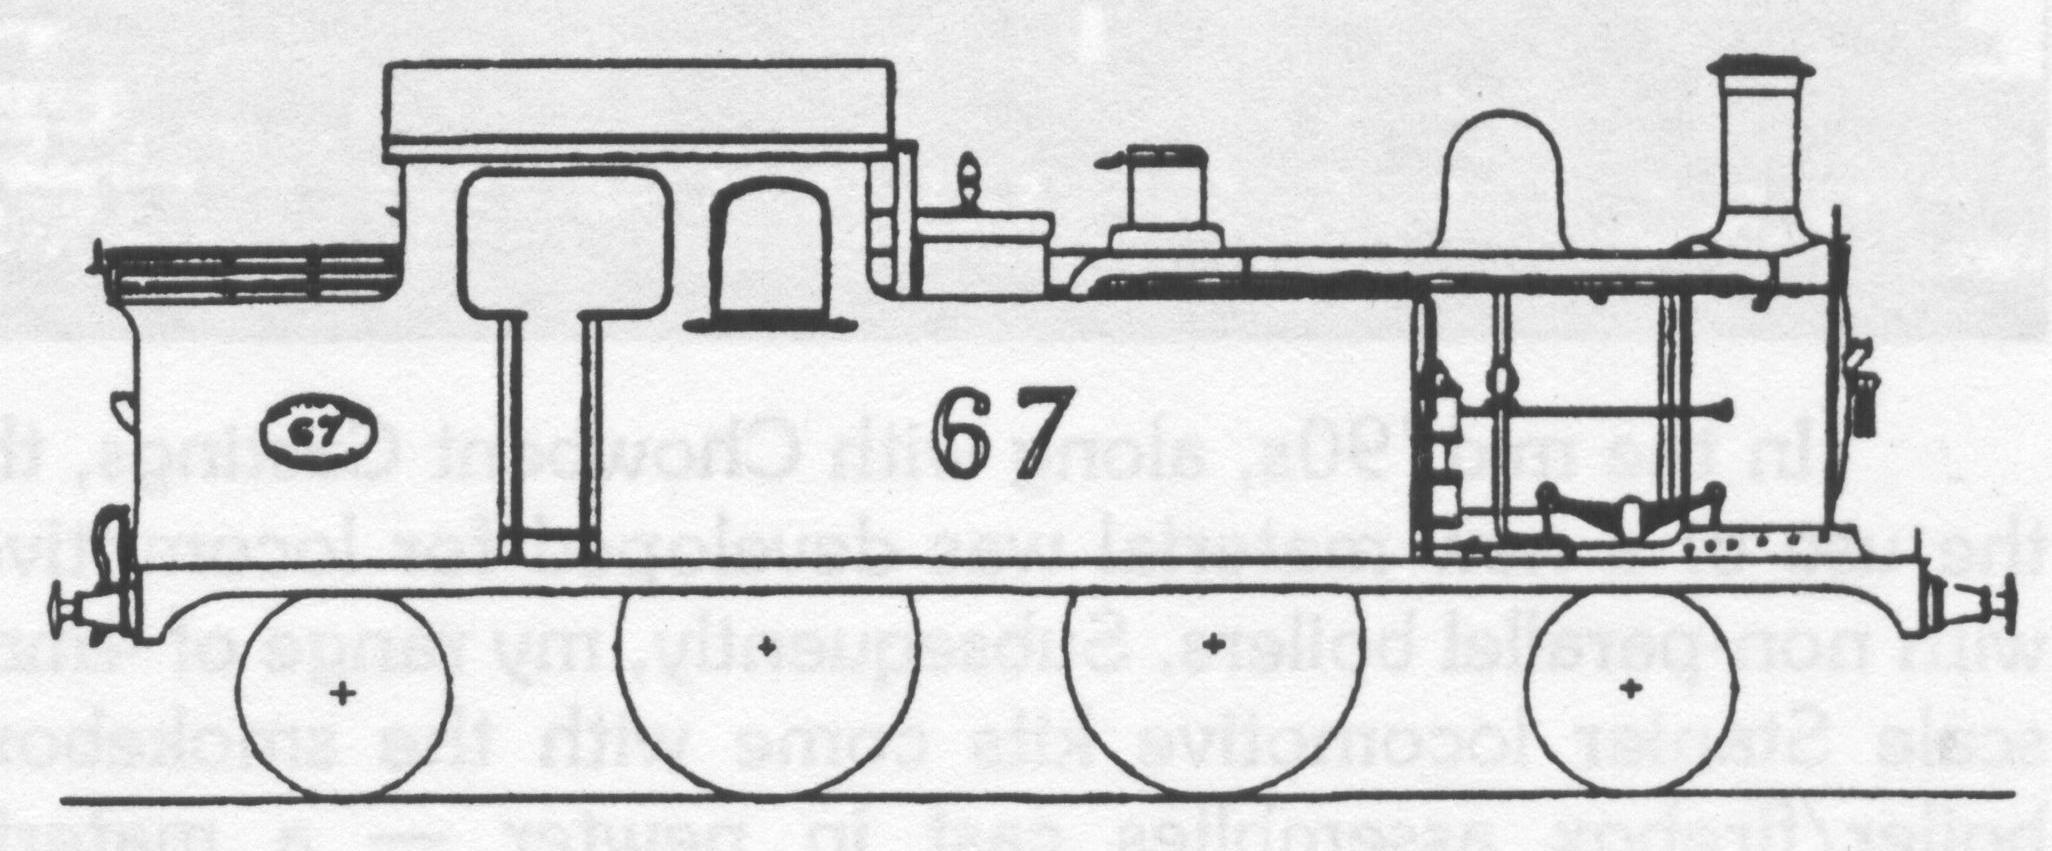 G4m28